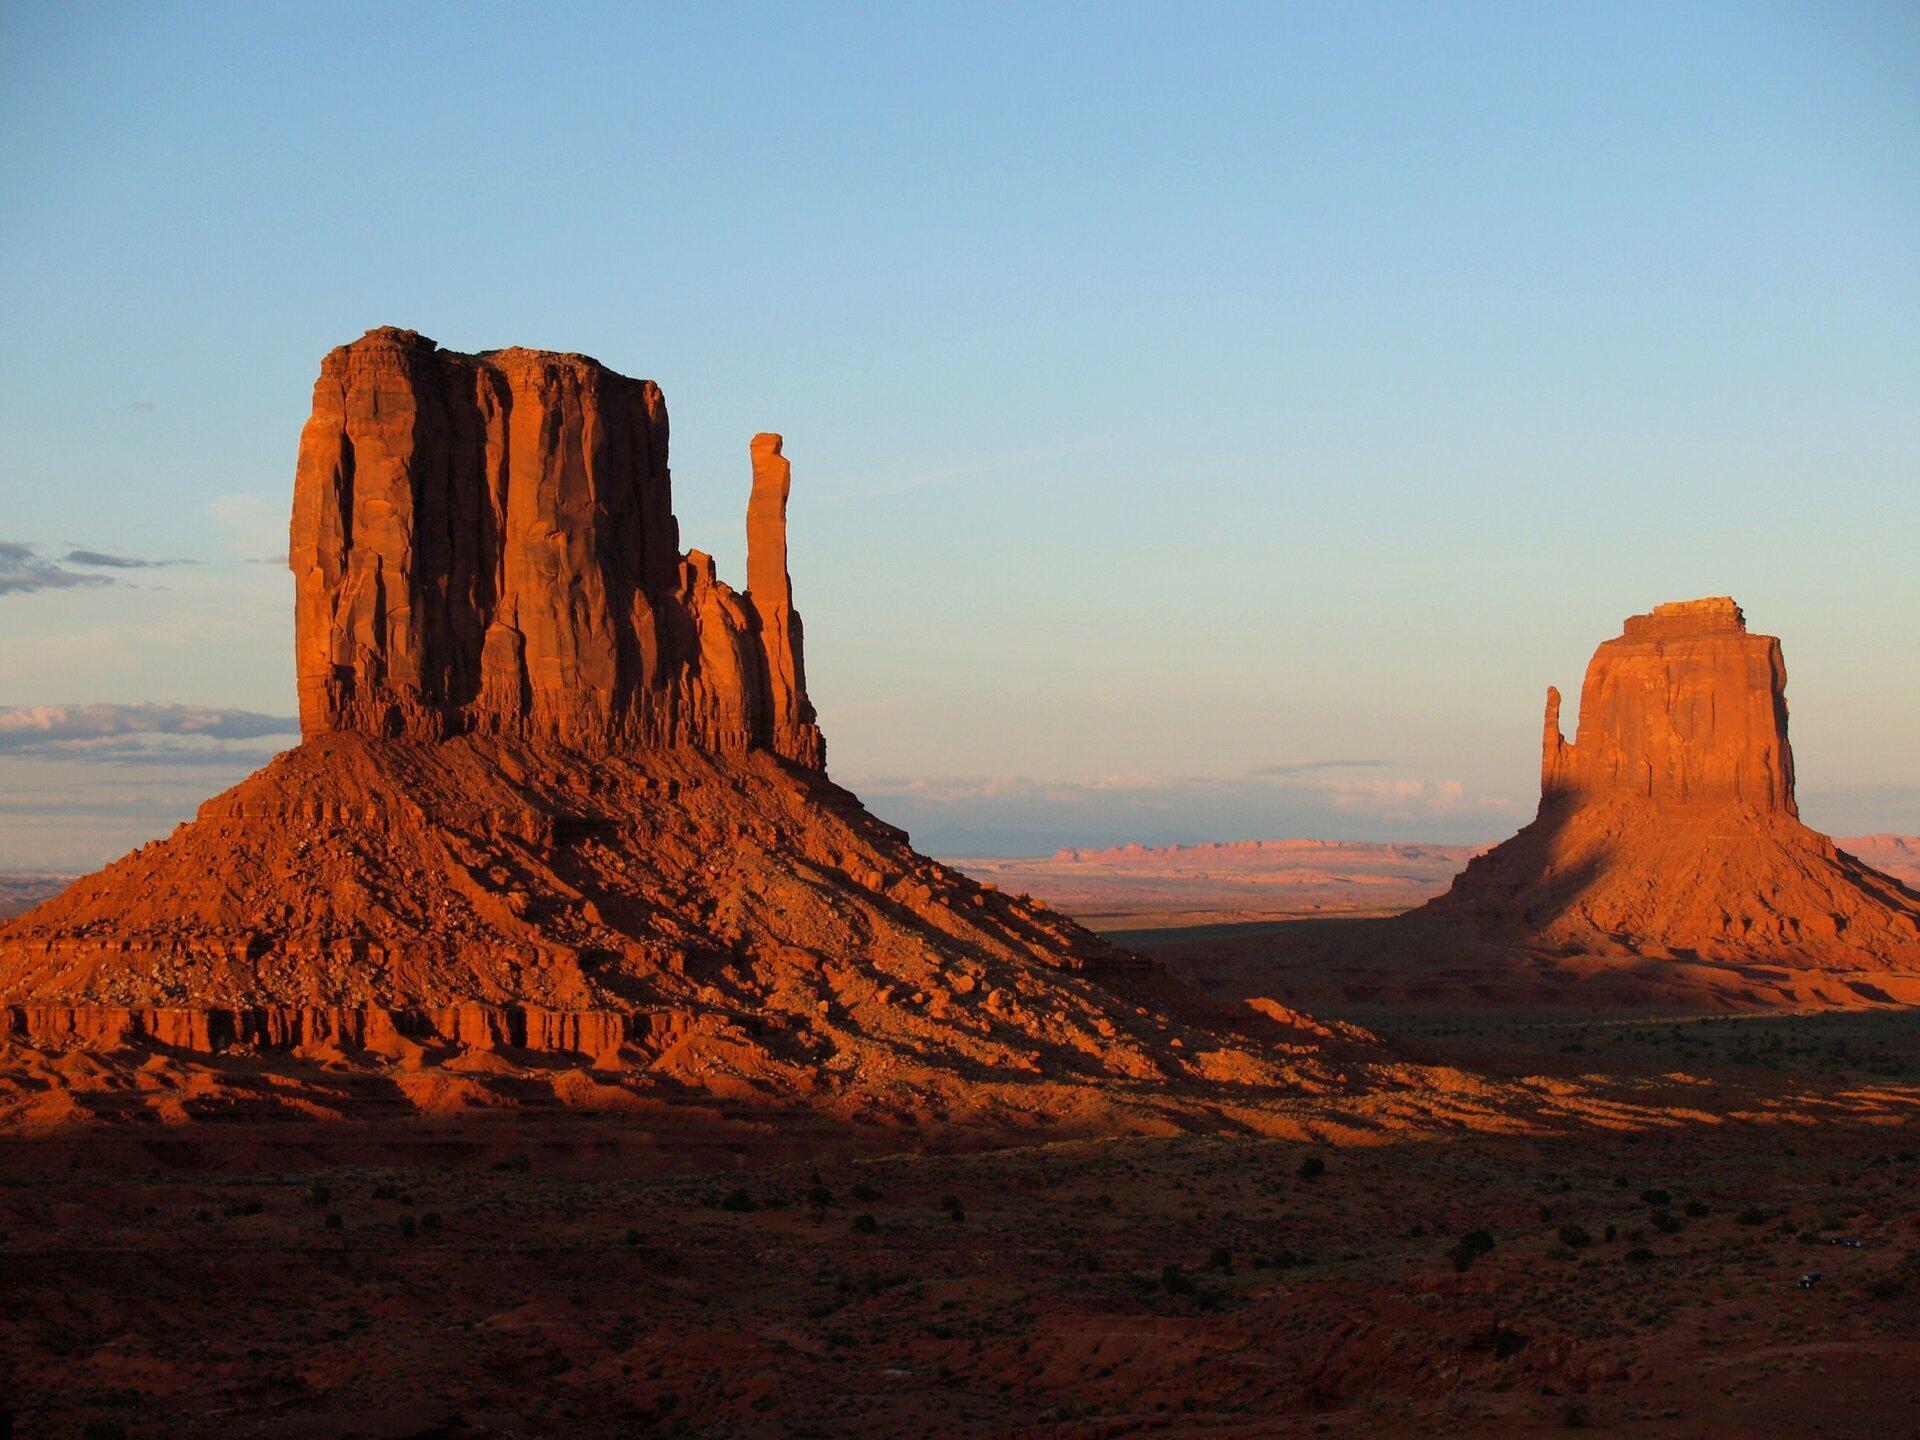 Fotografia prezentuje pustynię skalistą wMonument Valley wUSA. Na pierwszym planie widoczne dwie wysokie, prostokątne góry upodstawy, których znajdują się zwietrzałe okruchy skalne. Skały są koloru czerwonego.